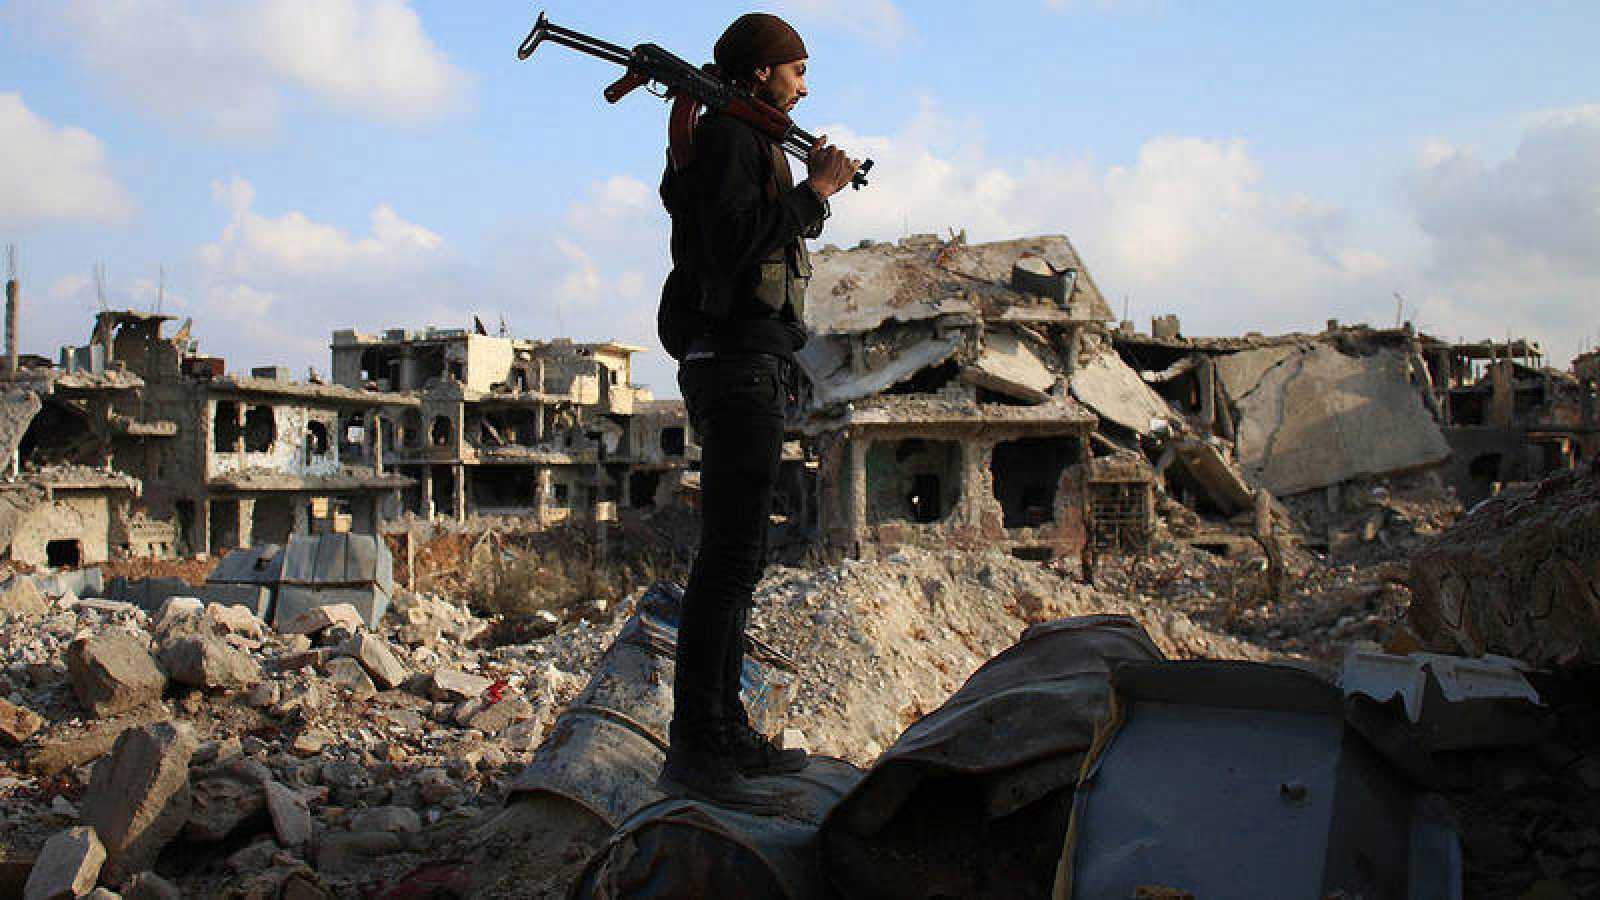 Un combatiente de la oposición siria en Daraa, sur de Siria.